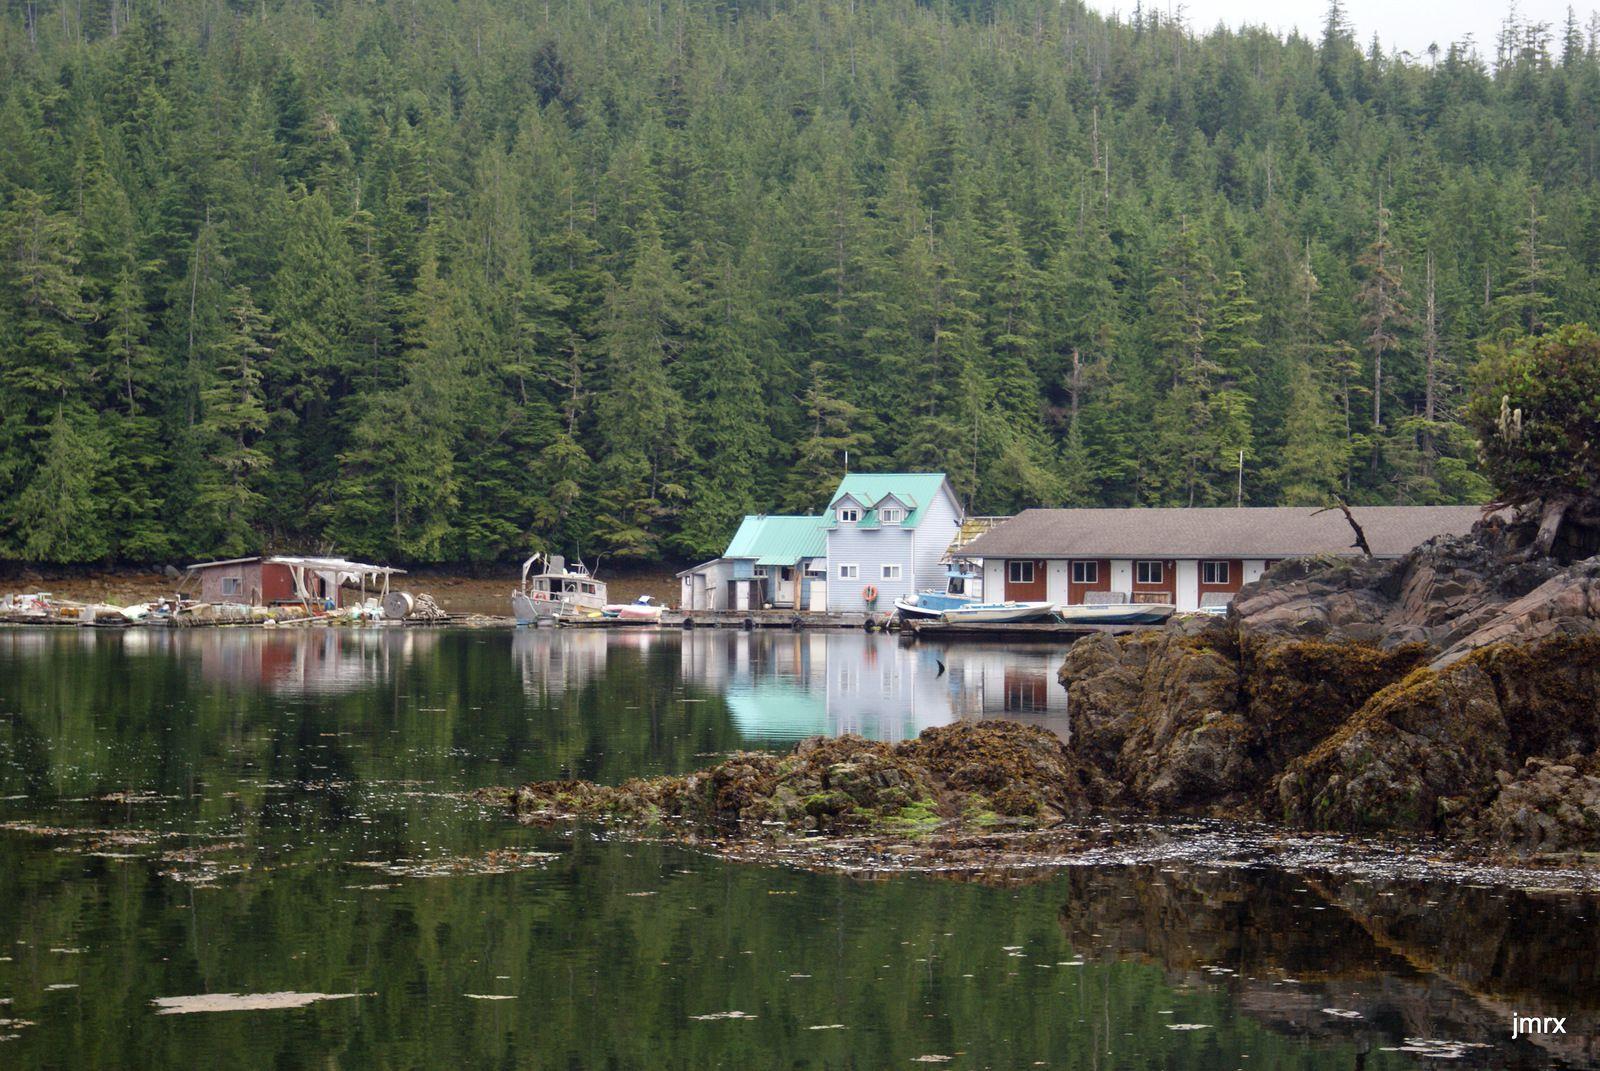 Entrée pas simple mais découverte étonnante. Le remorqueur et sa remorque: un hôtel flottant !